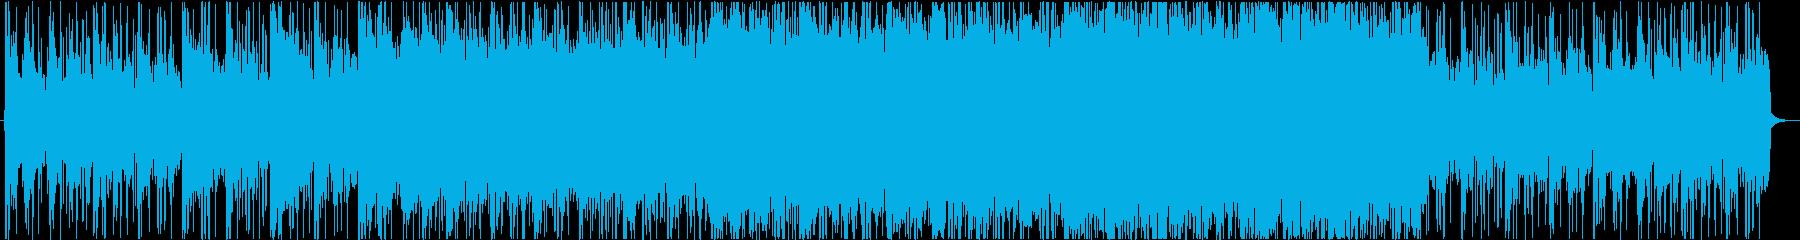 大物が登場しそうなダークで重厚な劇伴の再生済みの波形